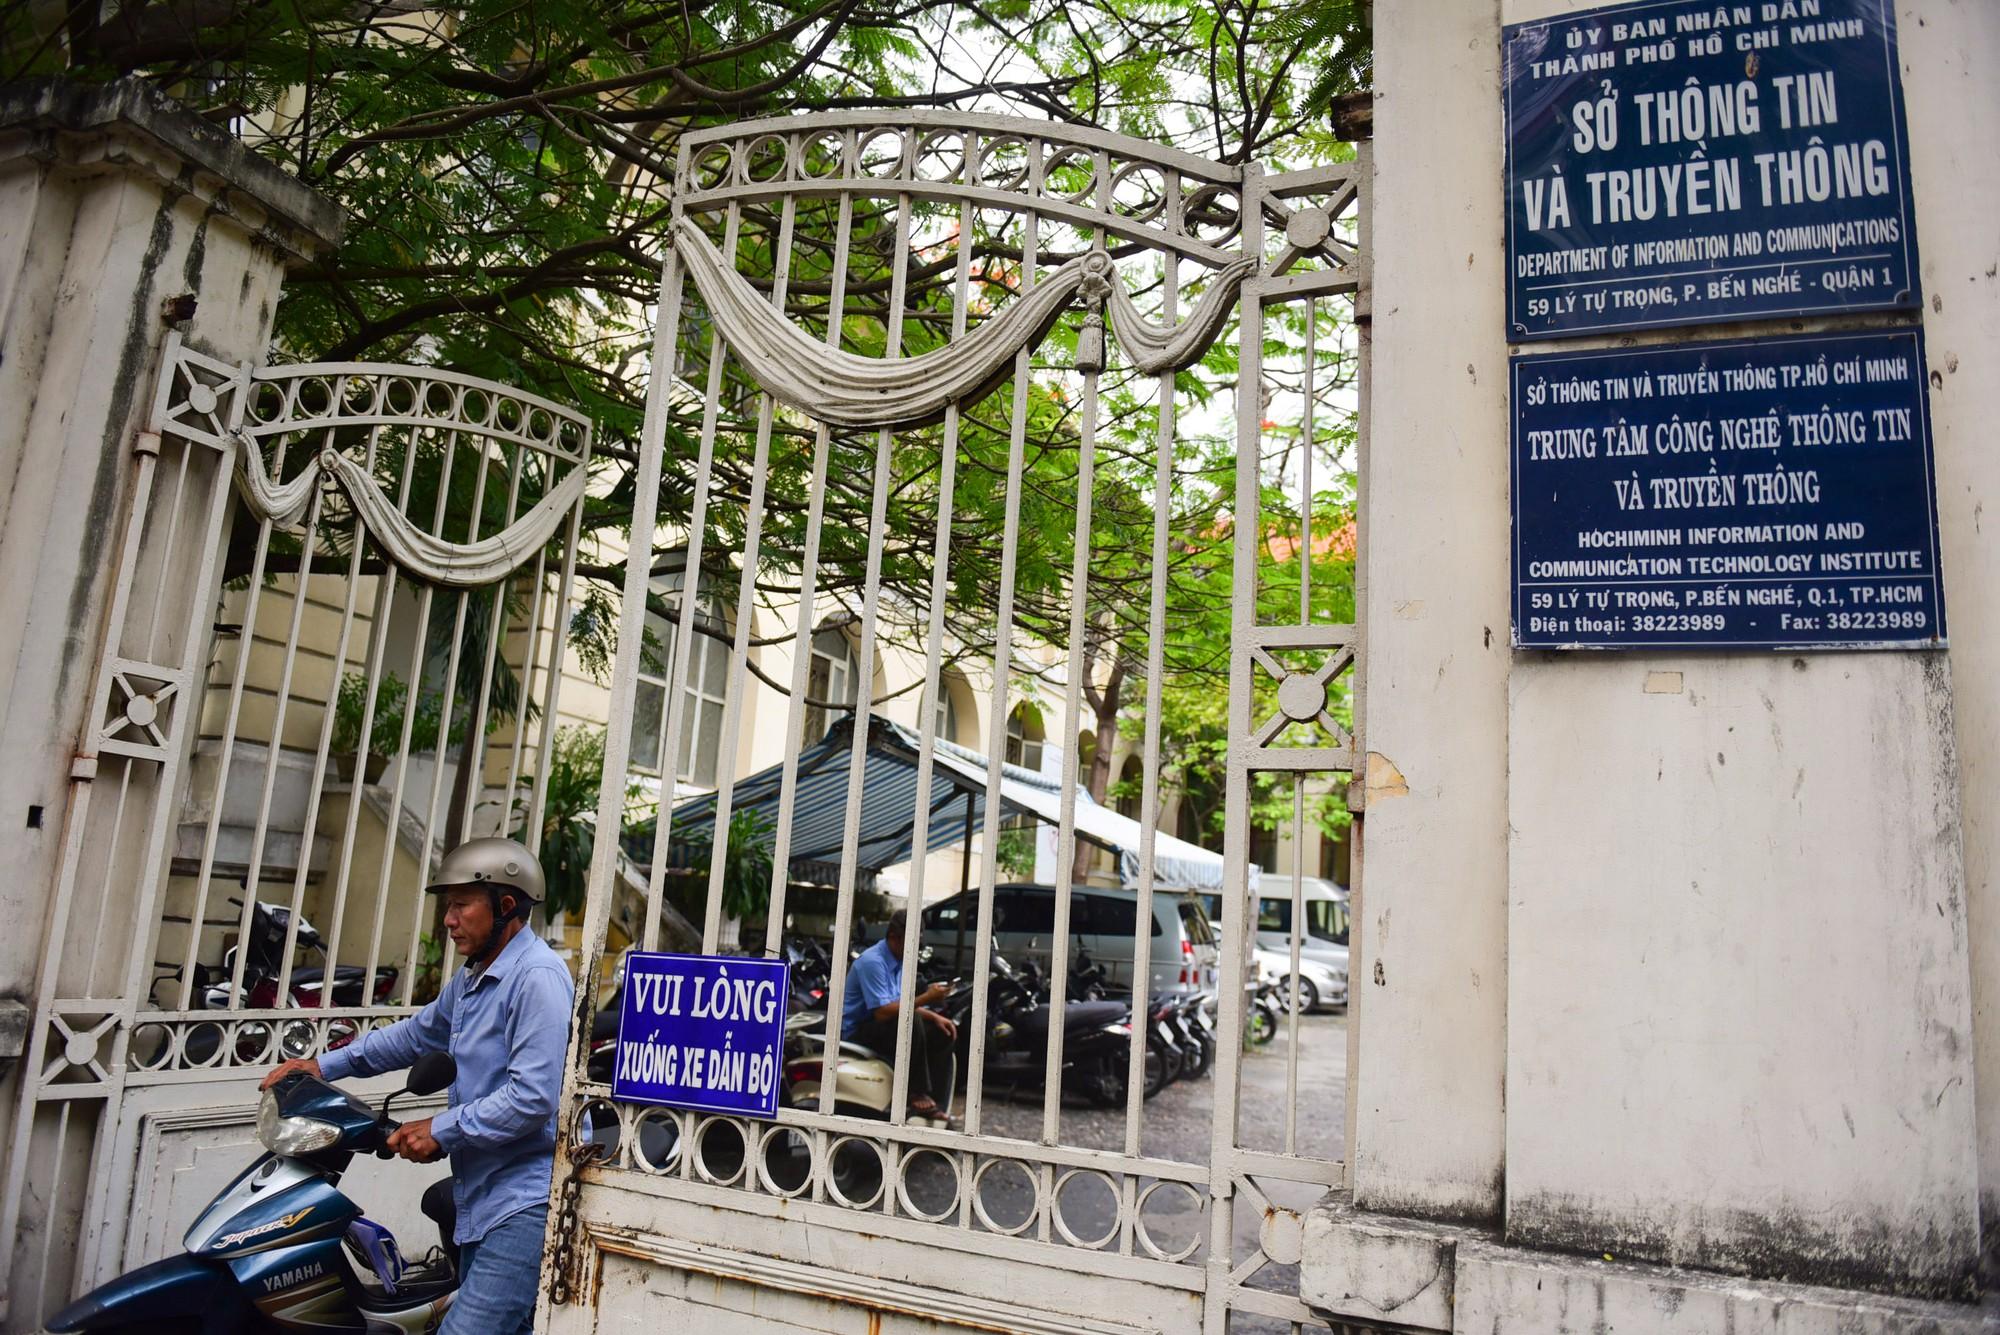 Cận cảnh dinh Thượng Thơ 120 năm tuổi ở Sài Gòn có nguy cơ bị đập bỏ 15